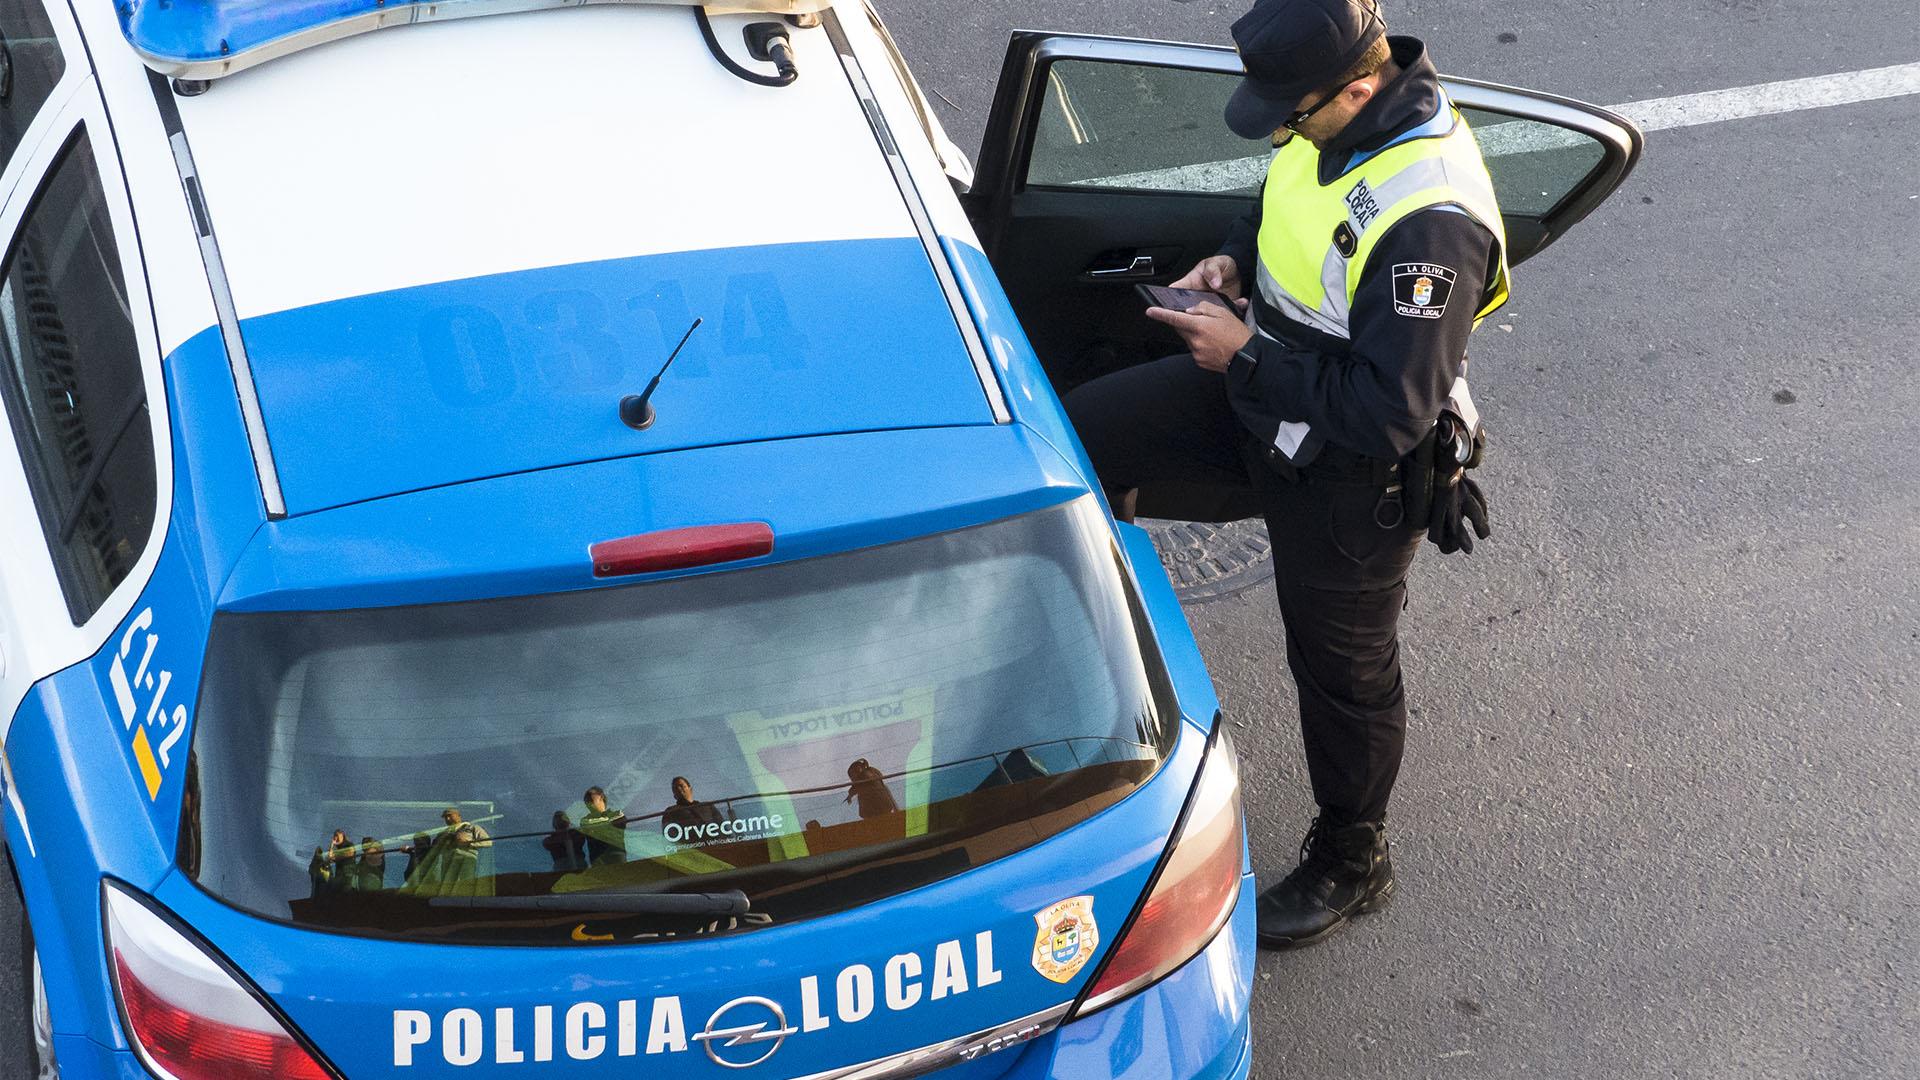 Sicherheit: Policia Local Fuerteventura.